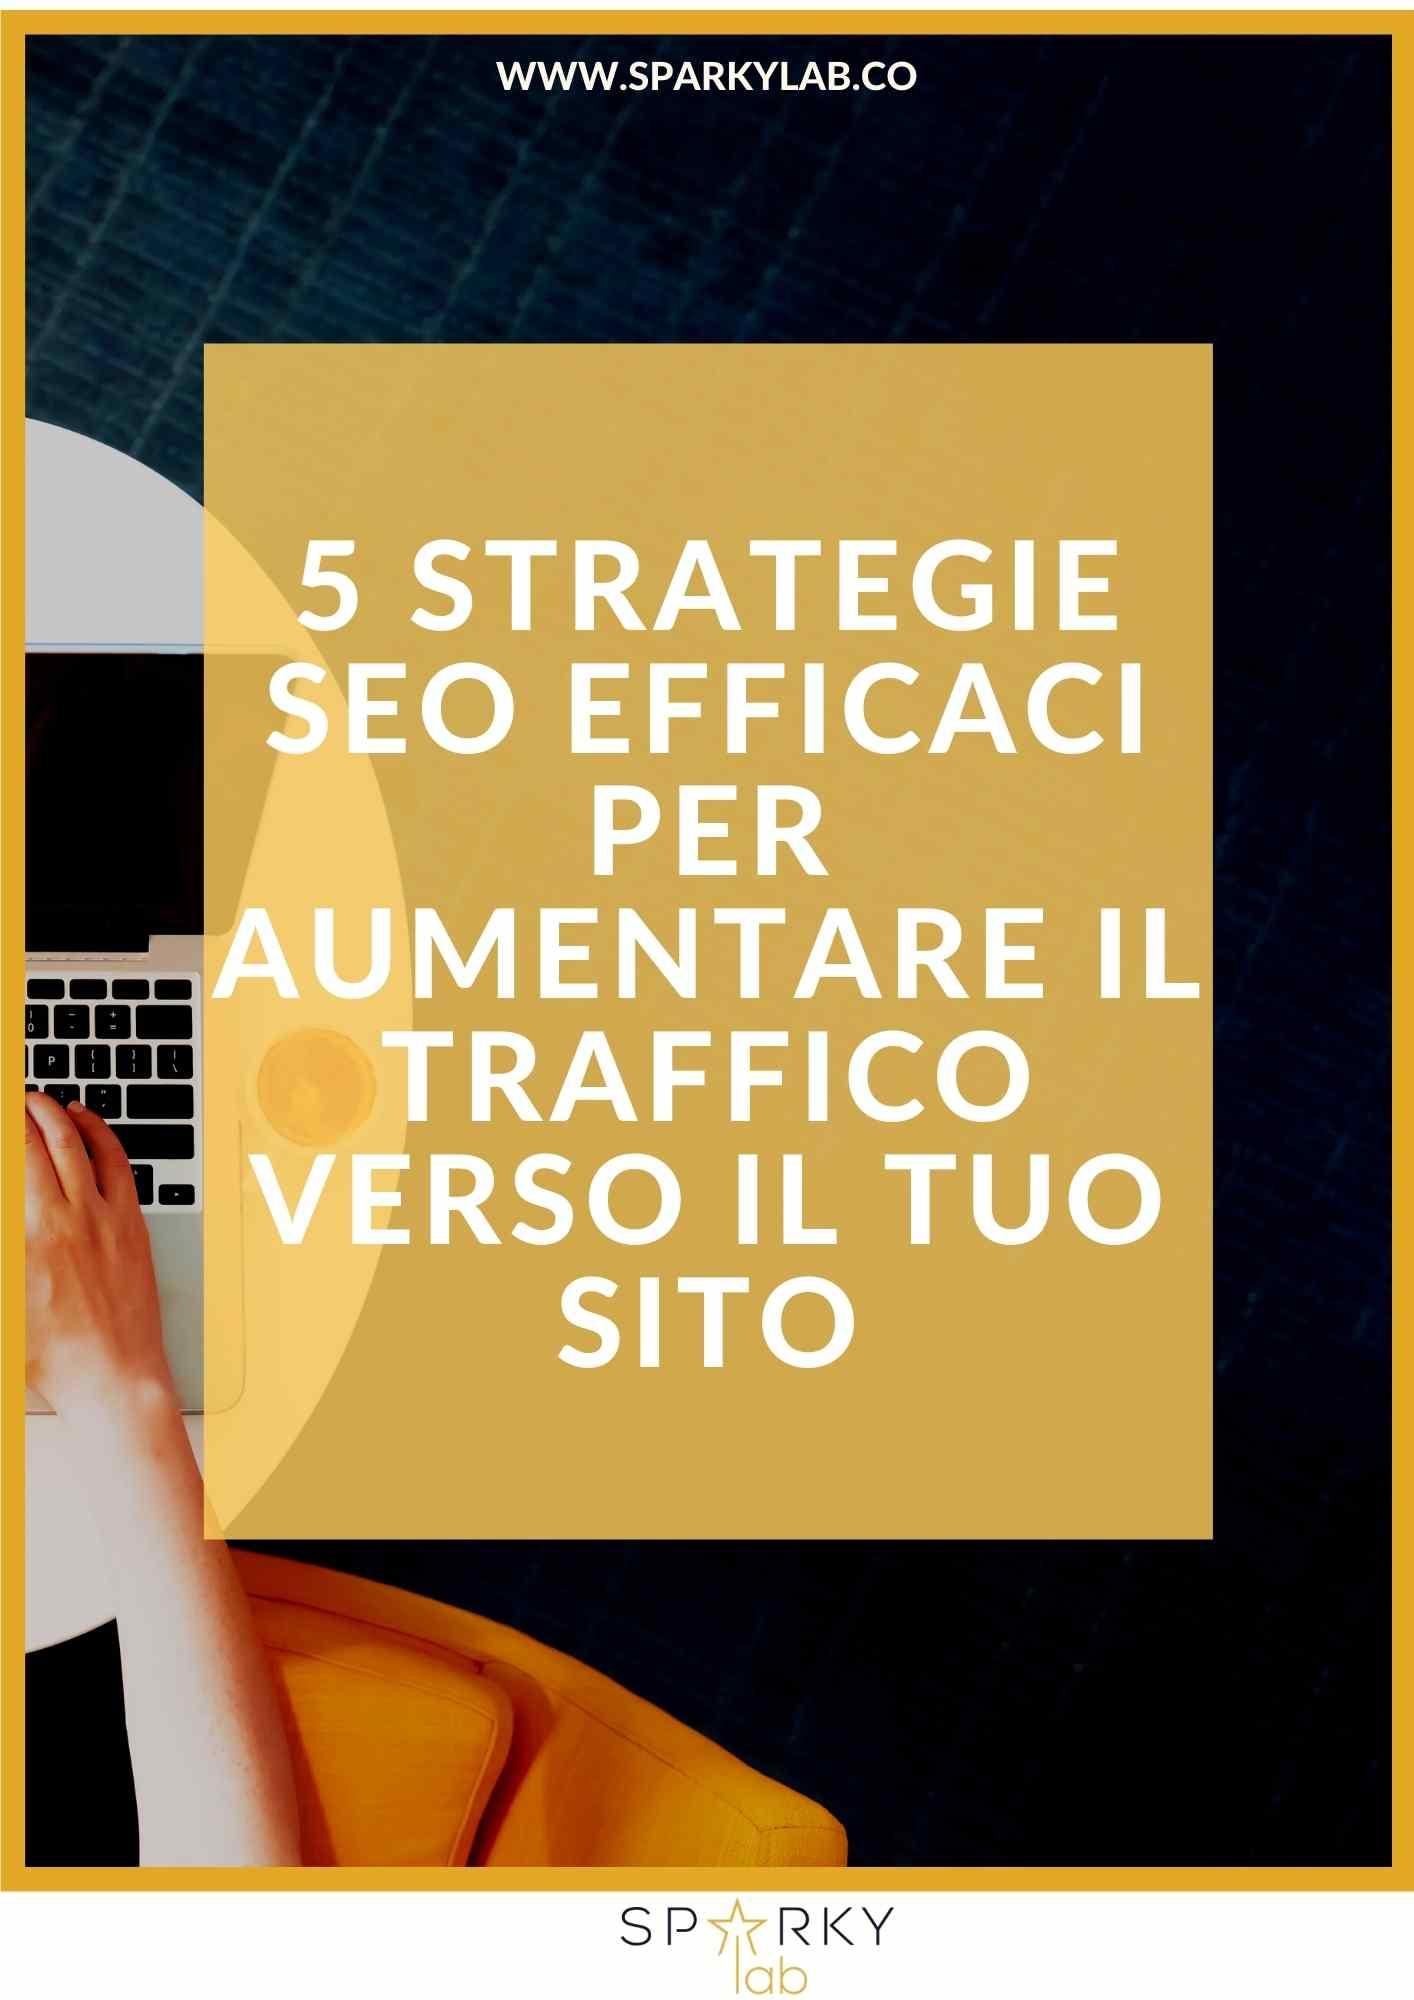 due mani di donna sulla tastiera di un laptotp e la scritta '5 strategie SEO efficaci per aumentare il traffico verso il tuo sito'